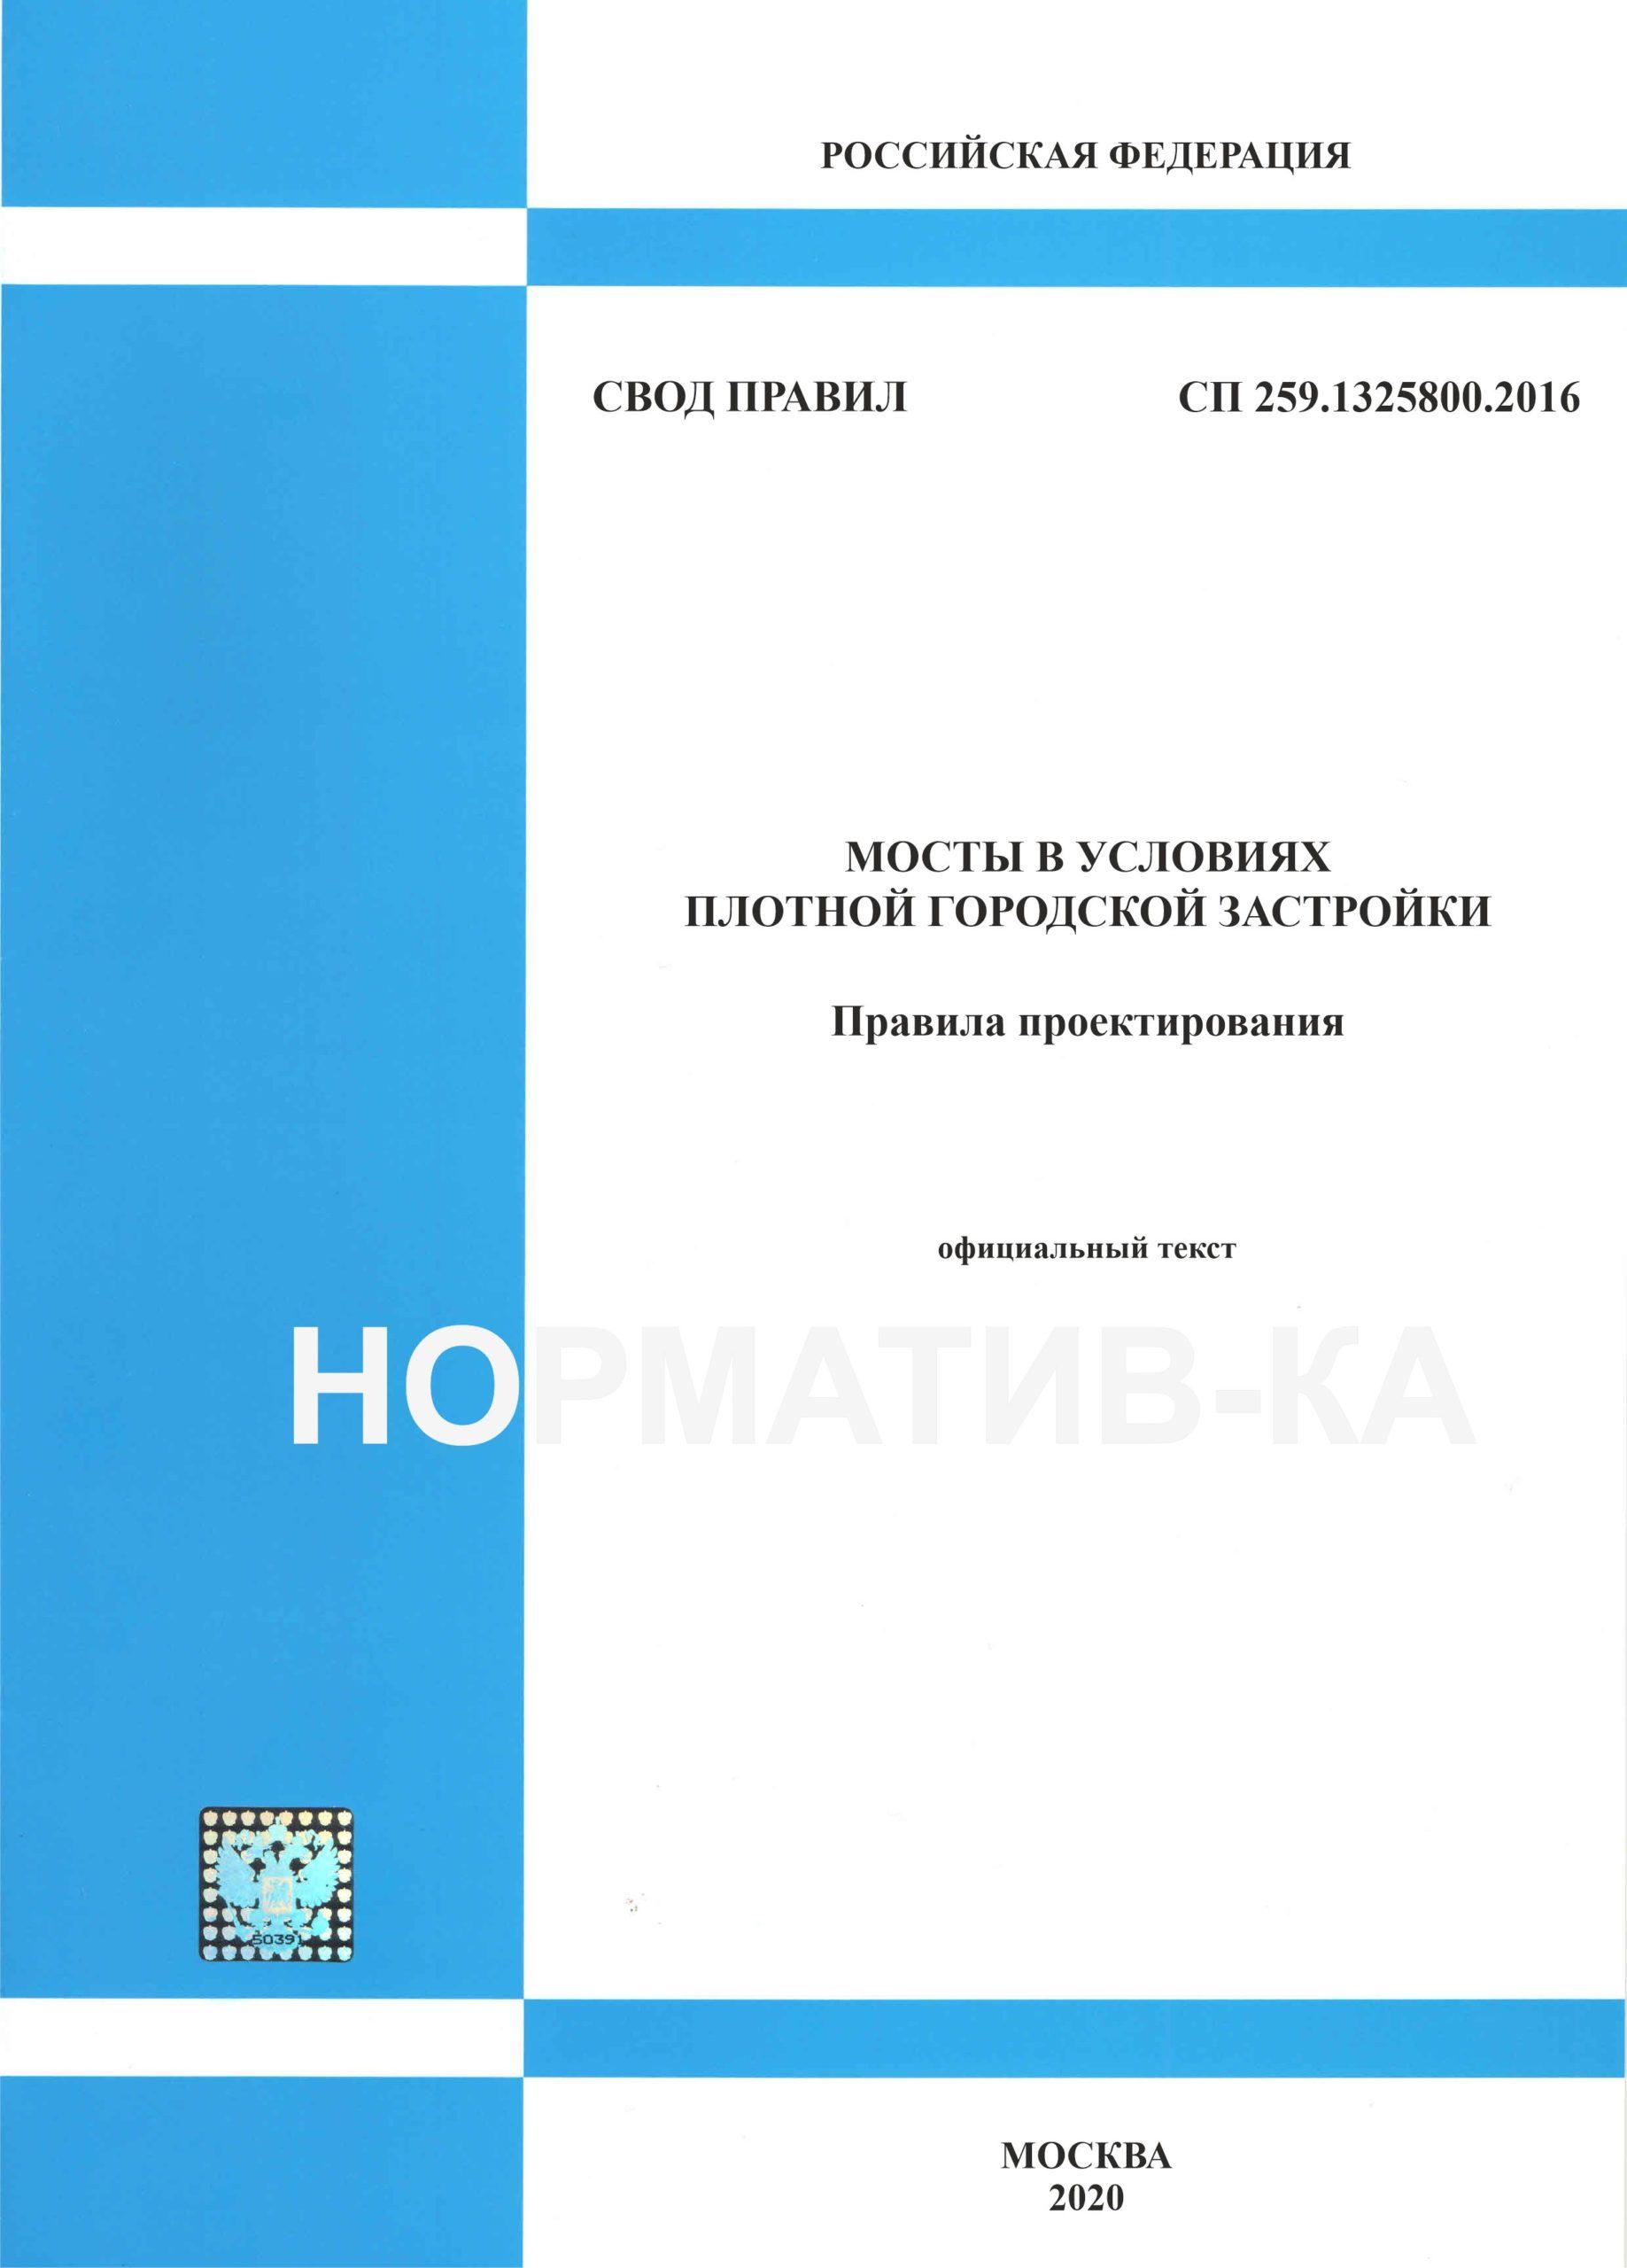 СП 259.1325800.2016